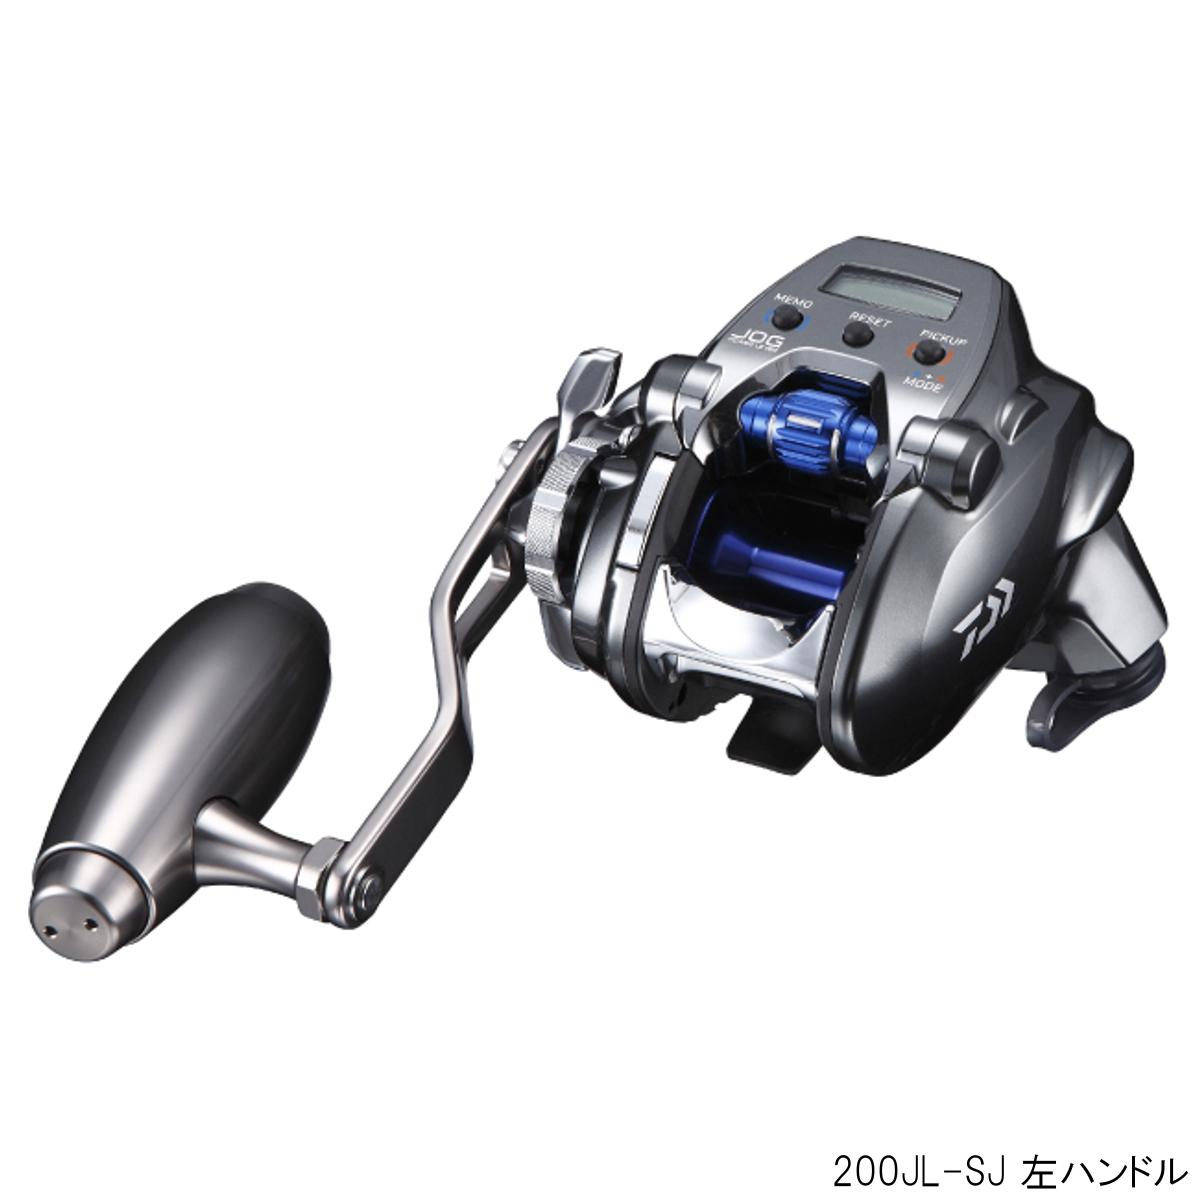 ダイワ シーボーグ 200JL-SJ 左ハンドル【送料無料】